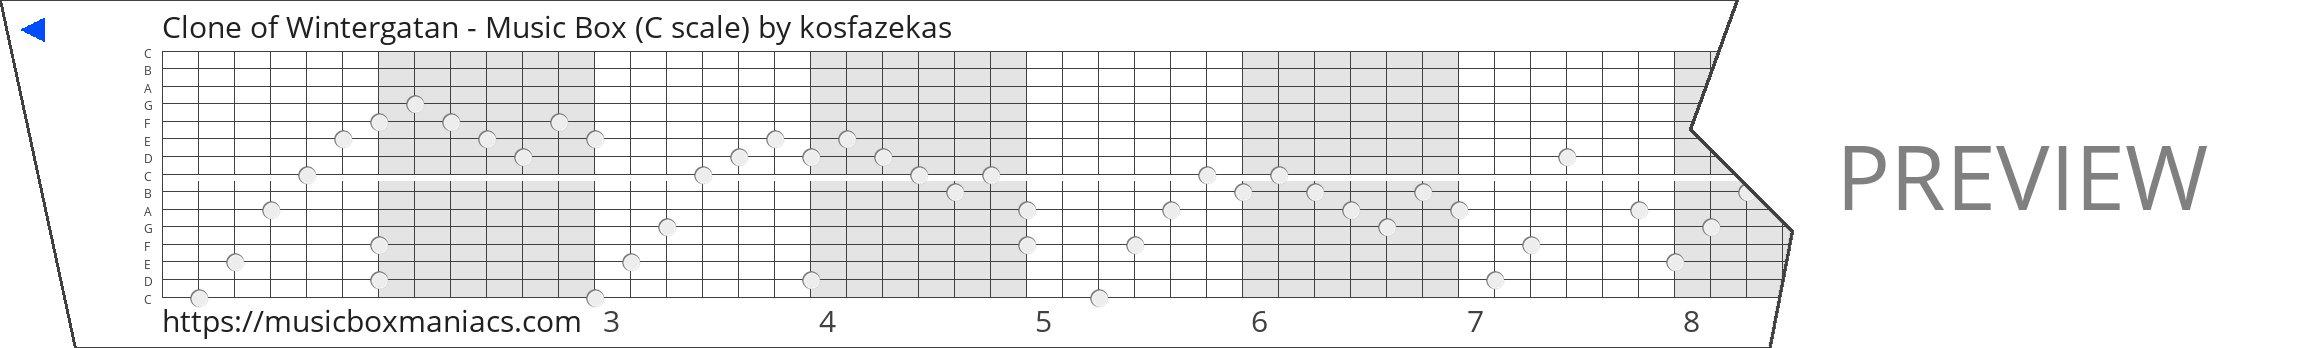 Clone of Wintergatan - Music Box (C scale) 15 note music box paper strip